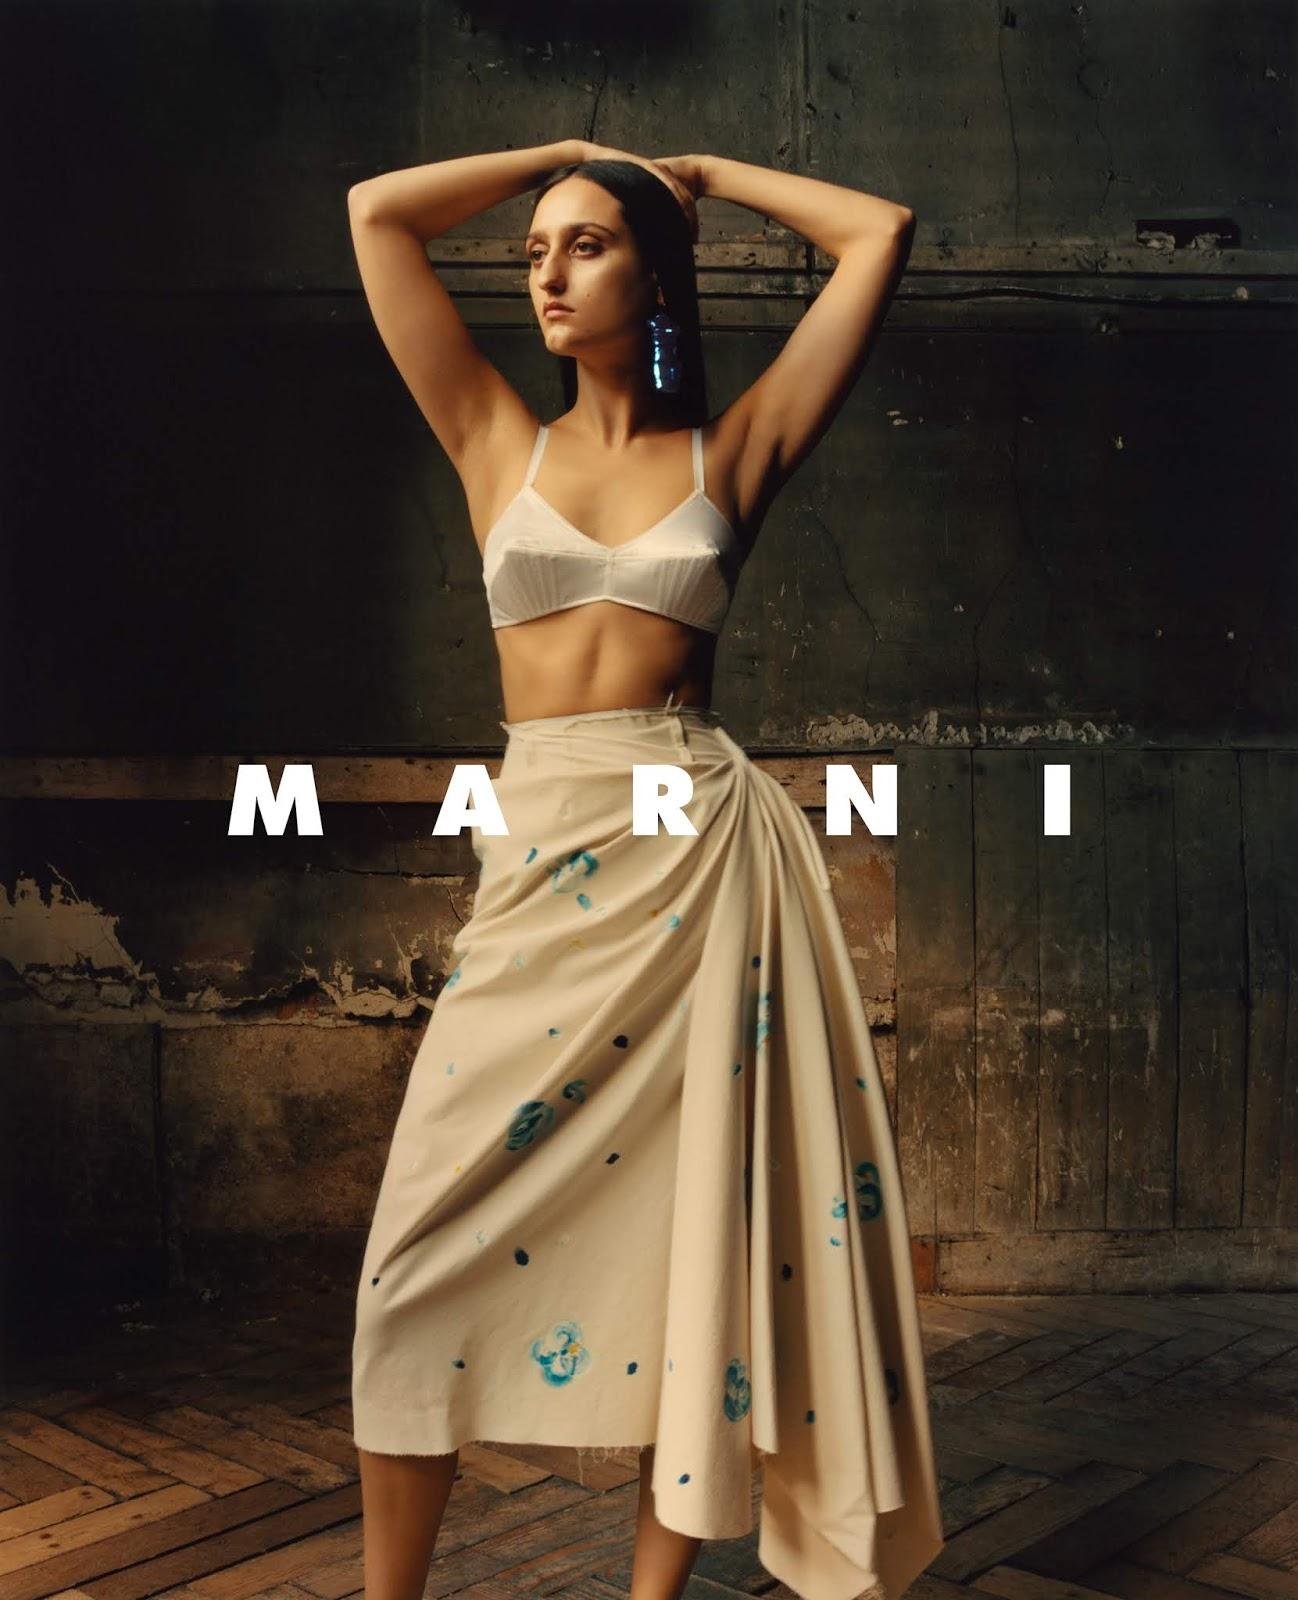 Ad Campaign Marni 1.jpg